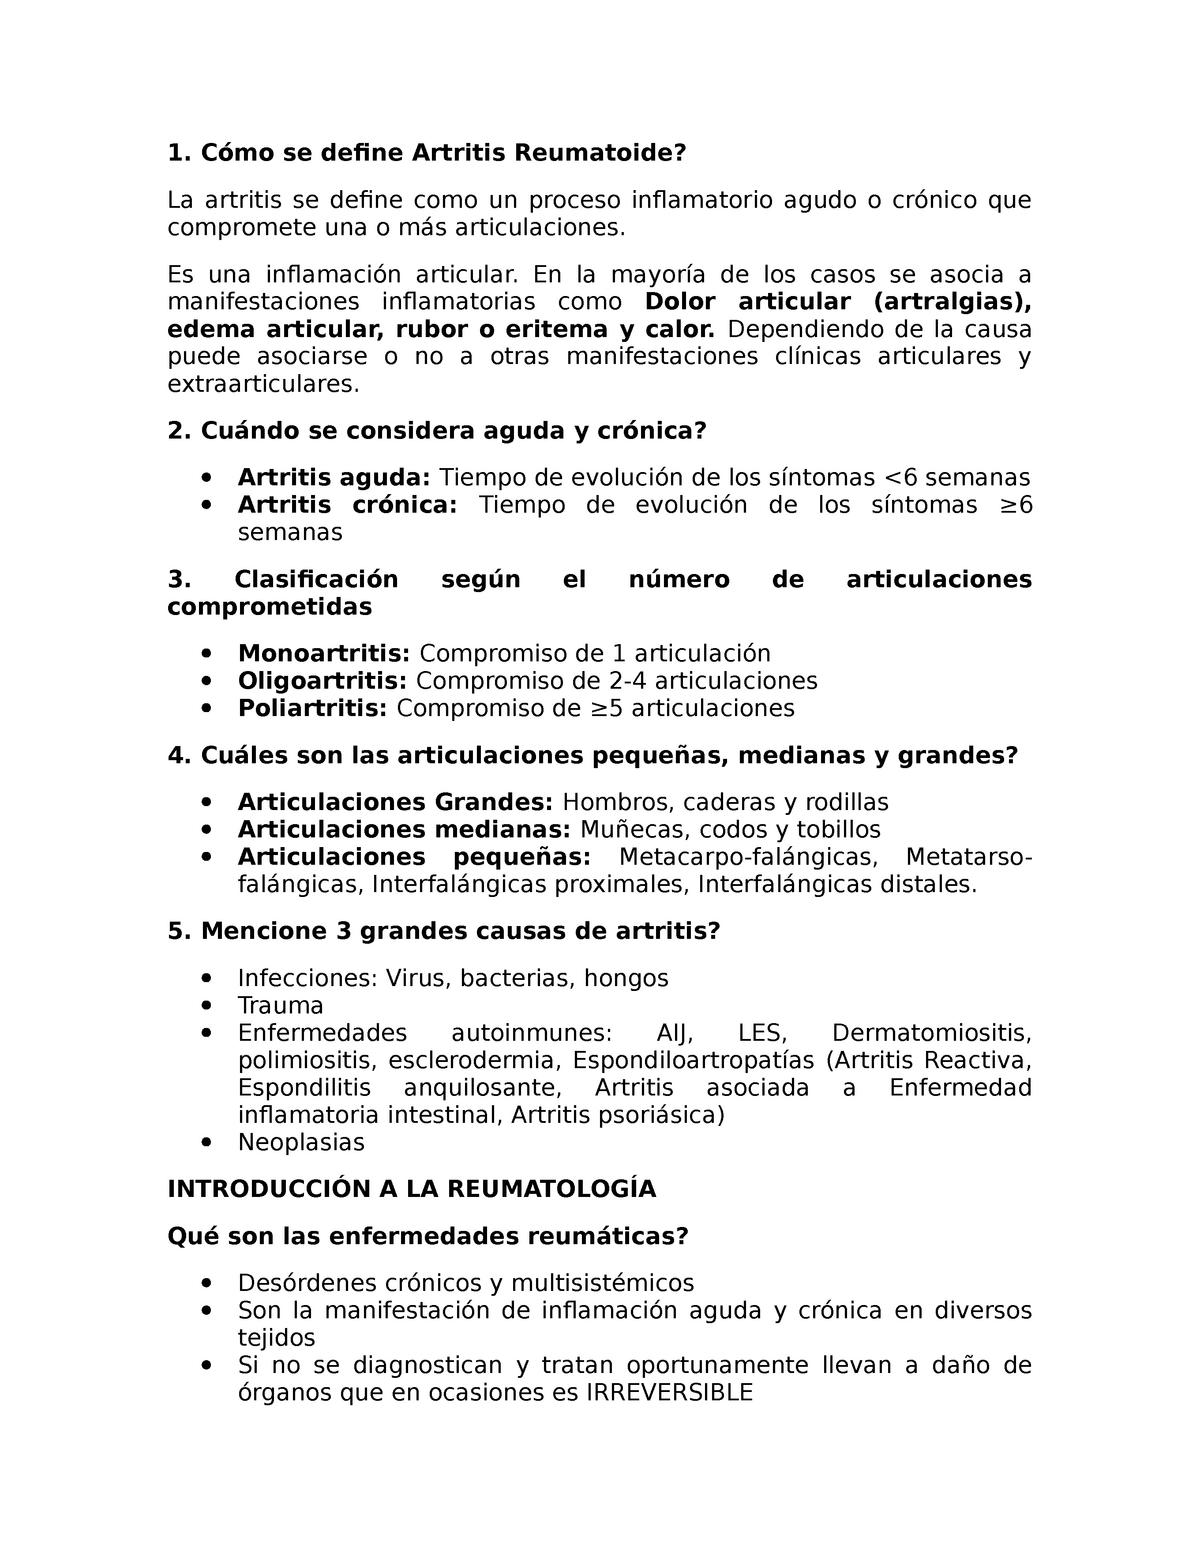 artritis reumatoide y enfermedad inflamatoria intestinal